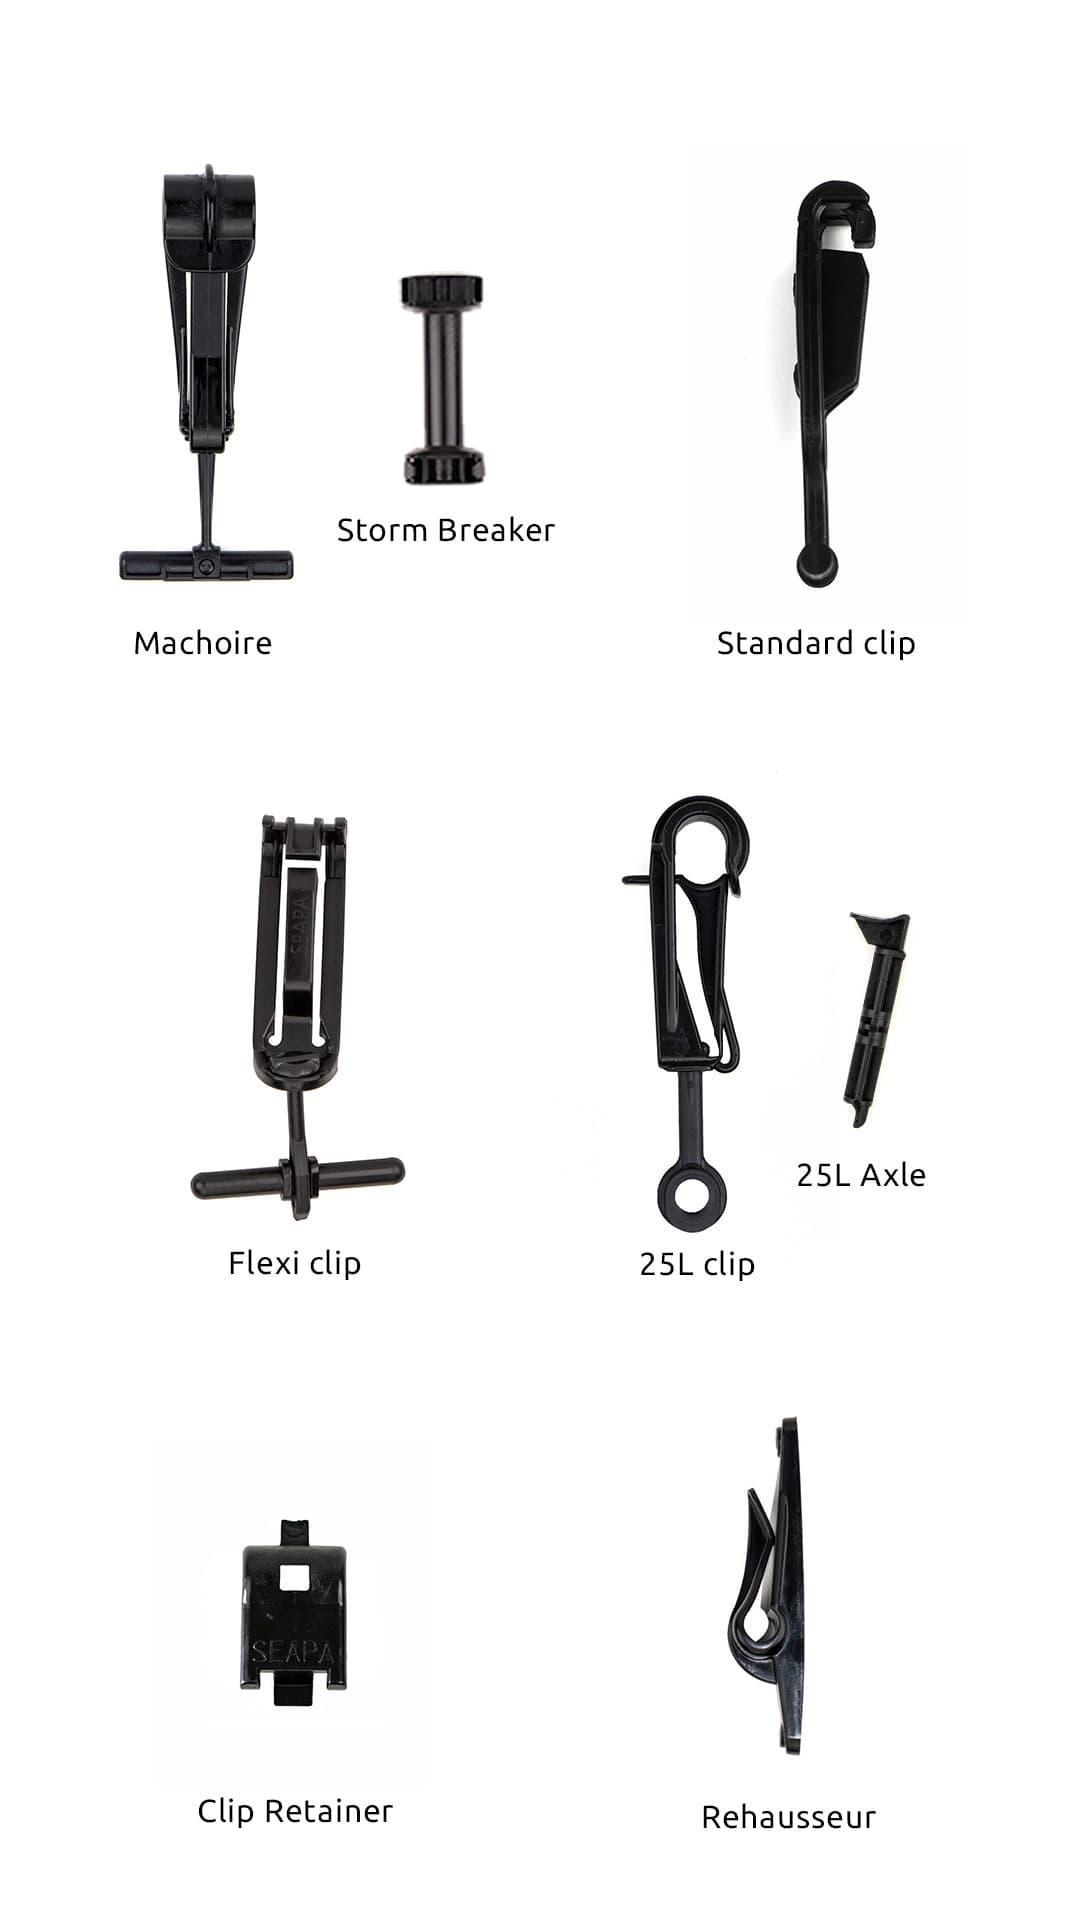 Seapa accessories